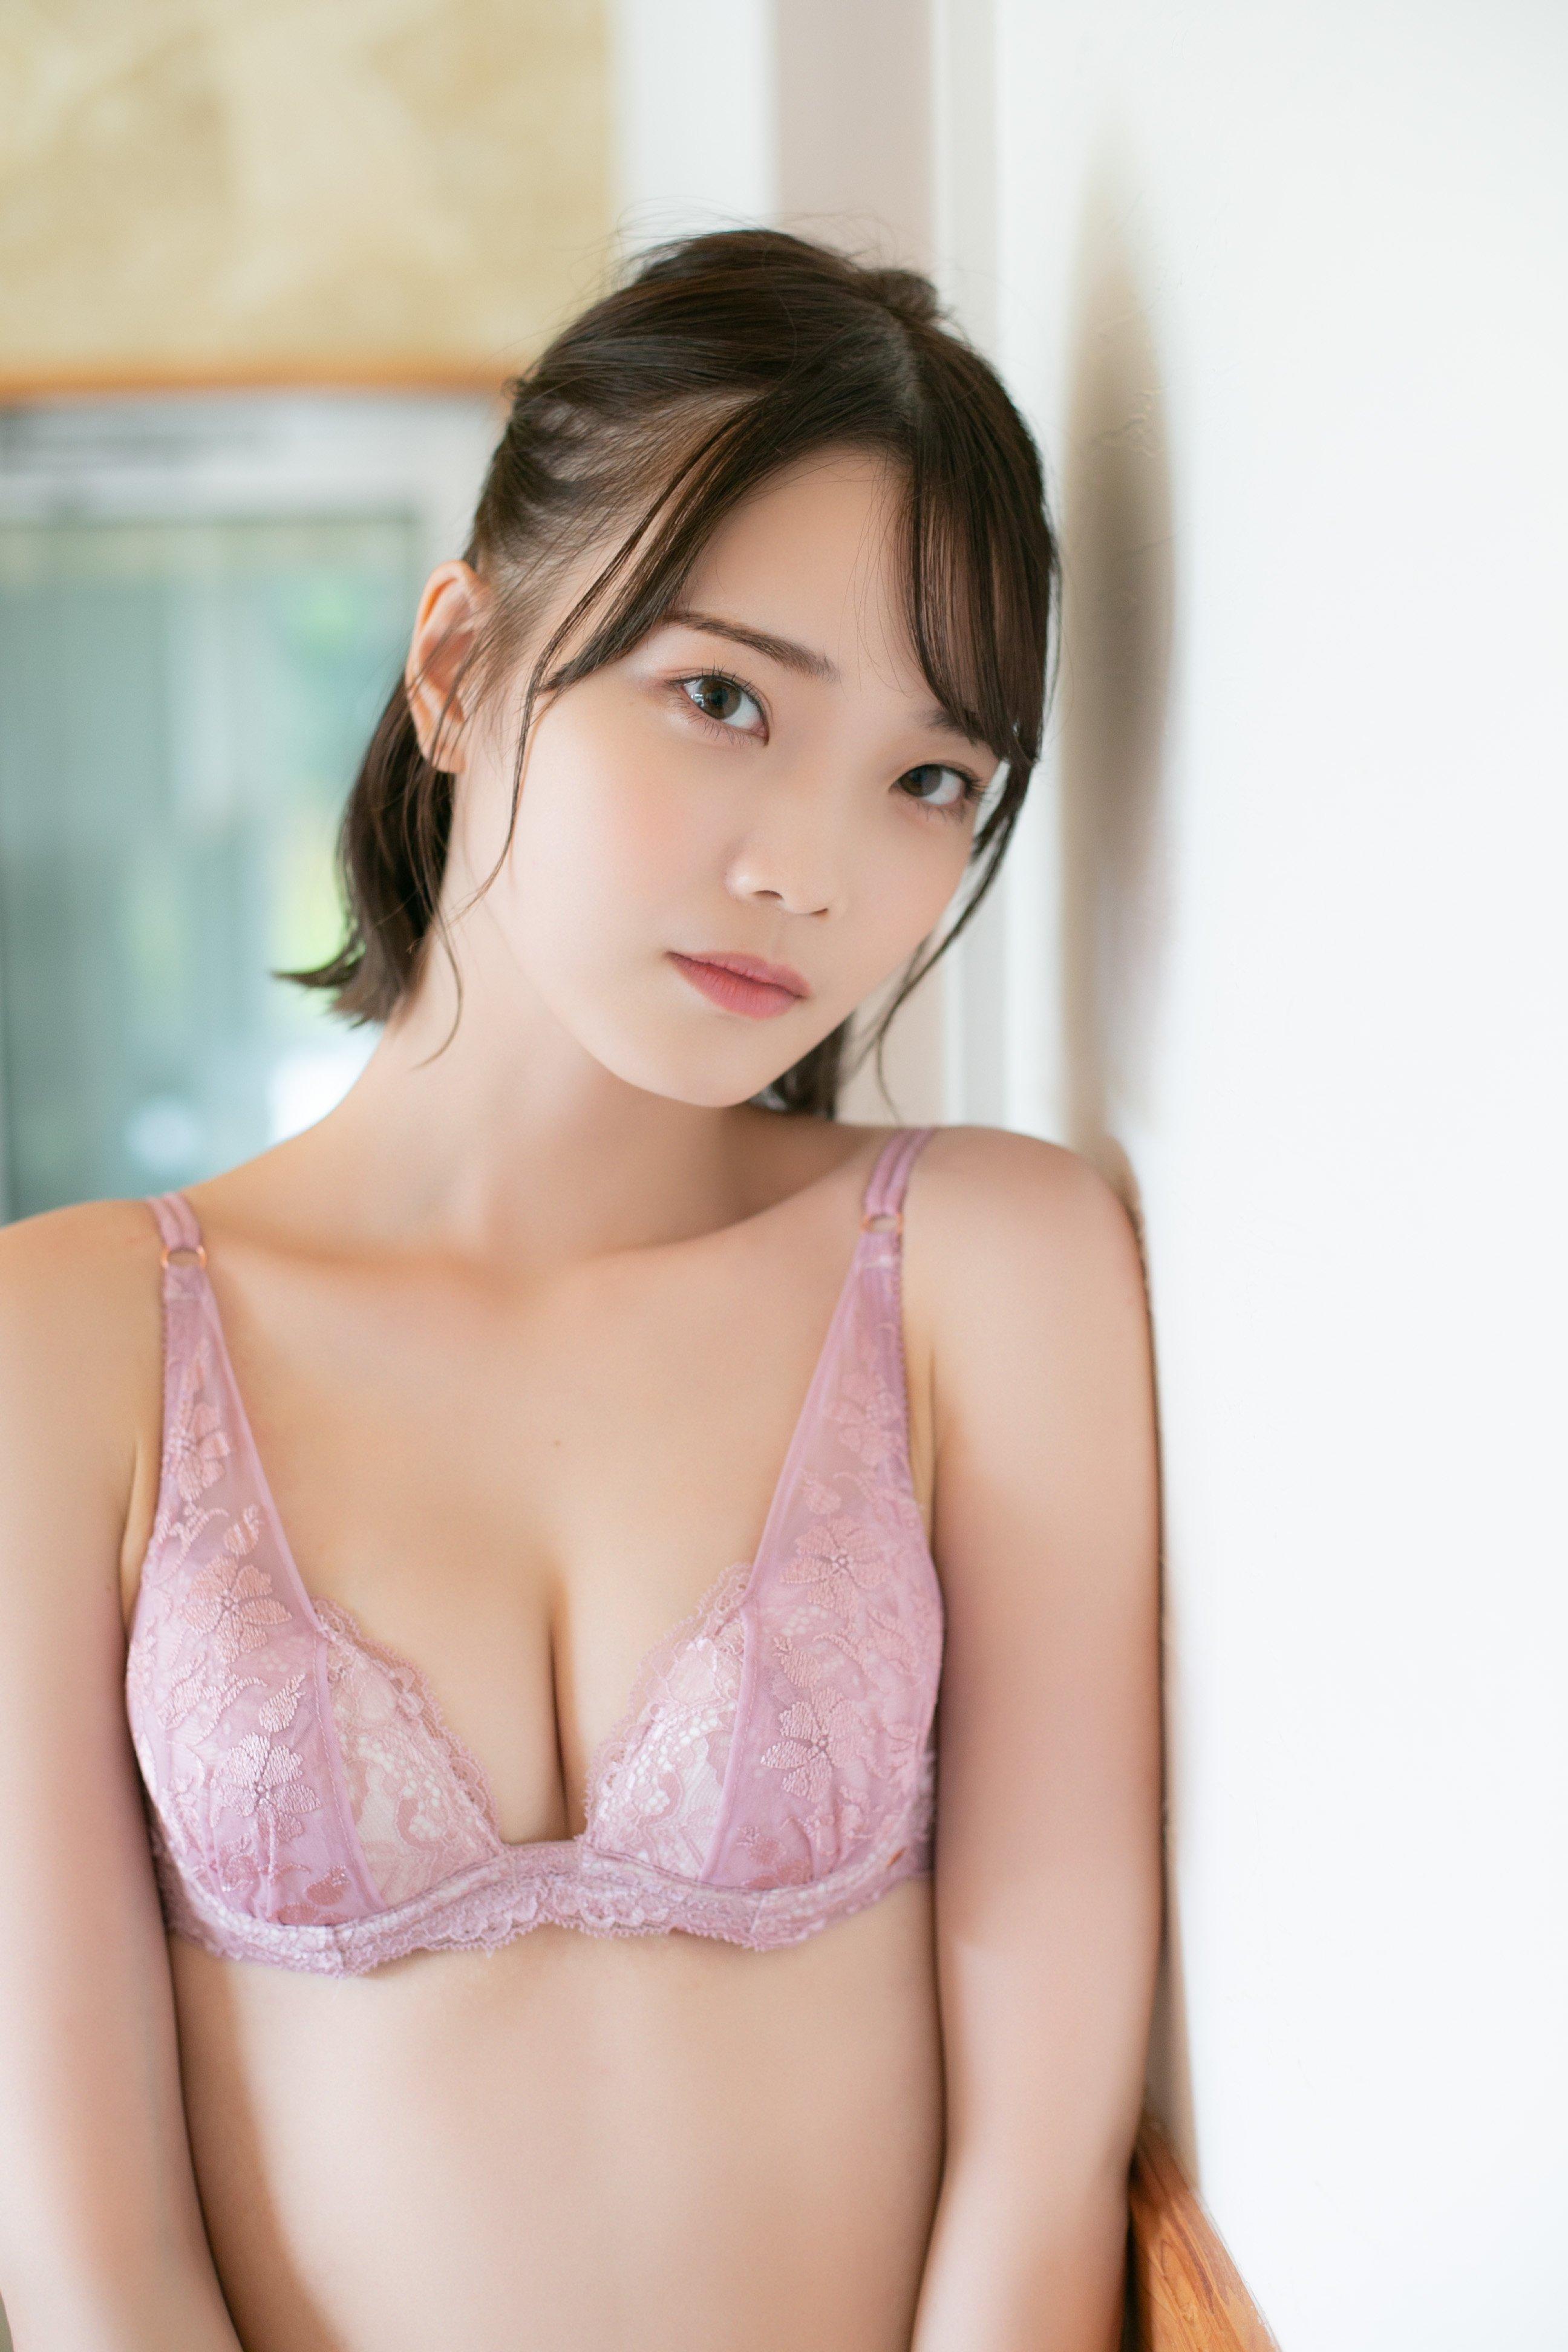 新谷姫加「透き通る白肌」新人グラドルのスレンダーボディ【画像5枚】の画像001